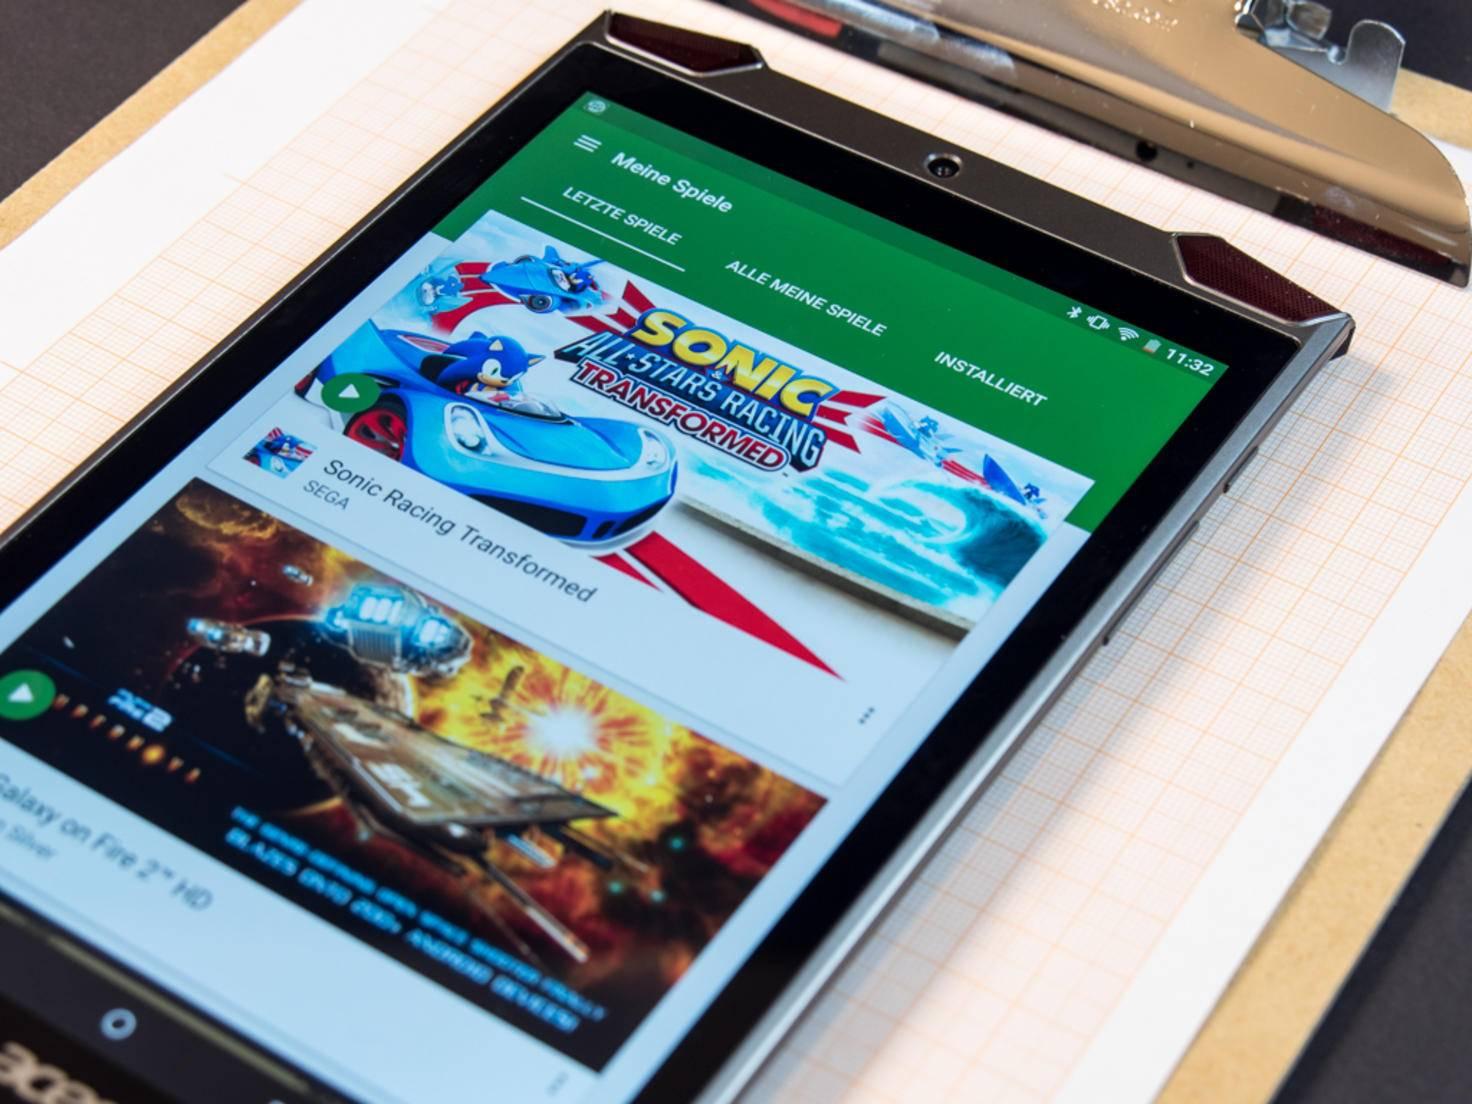 Das Design unterstreicht den Gaming-Anspruch.